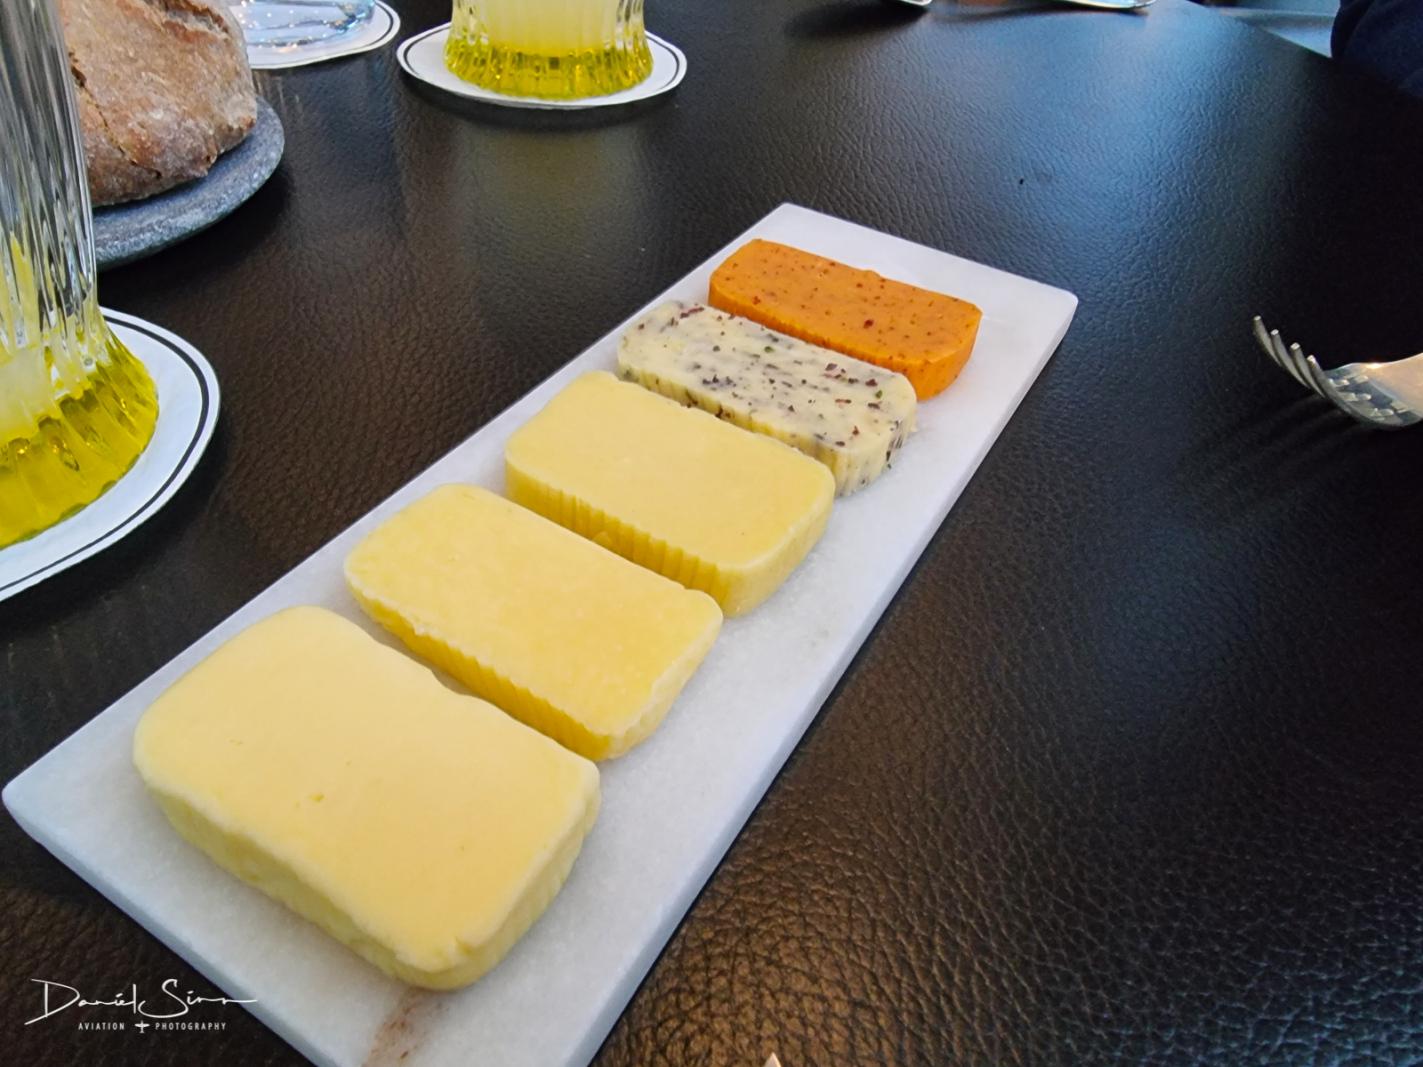 Butterauswahl zum hausgemachten Brot